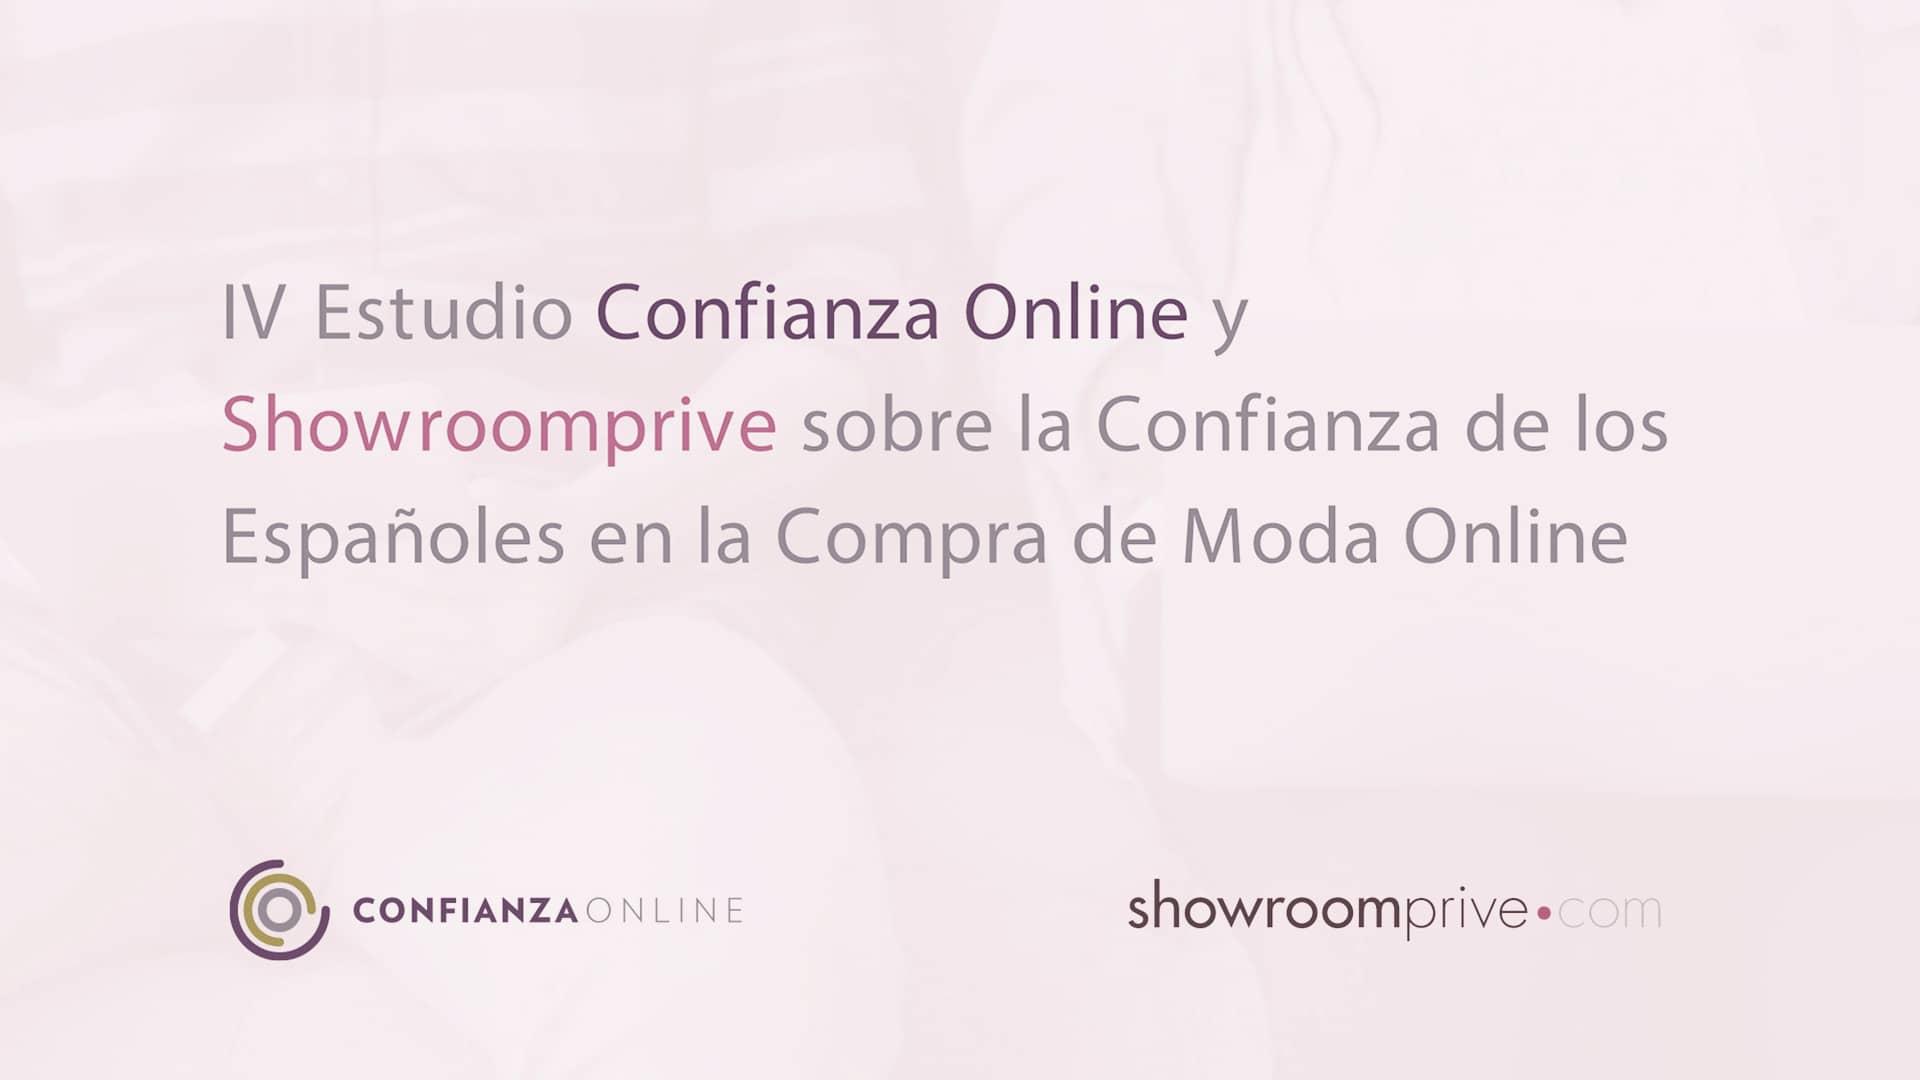 Nuevo Estudio de Showroomprive y Confianza Online sobre la Confianza de los Españoles en la Compra de Moda Online